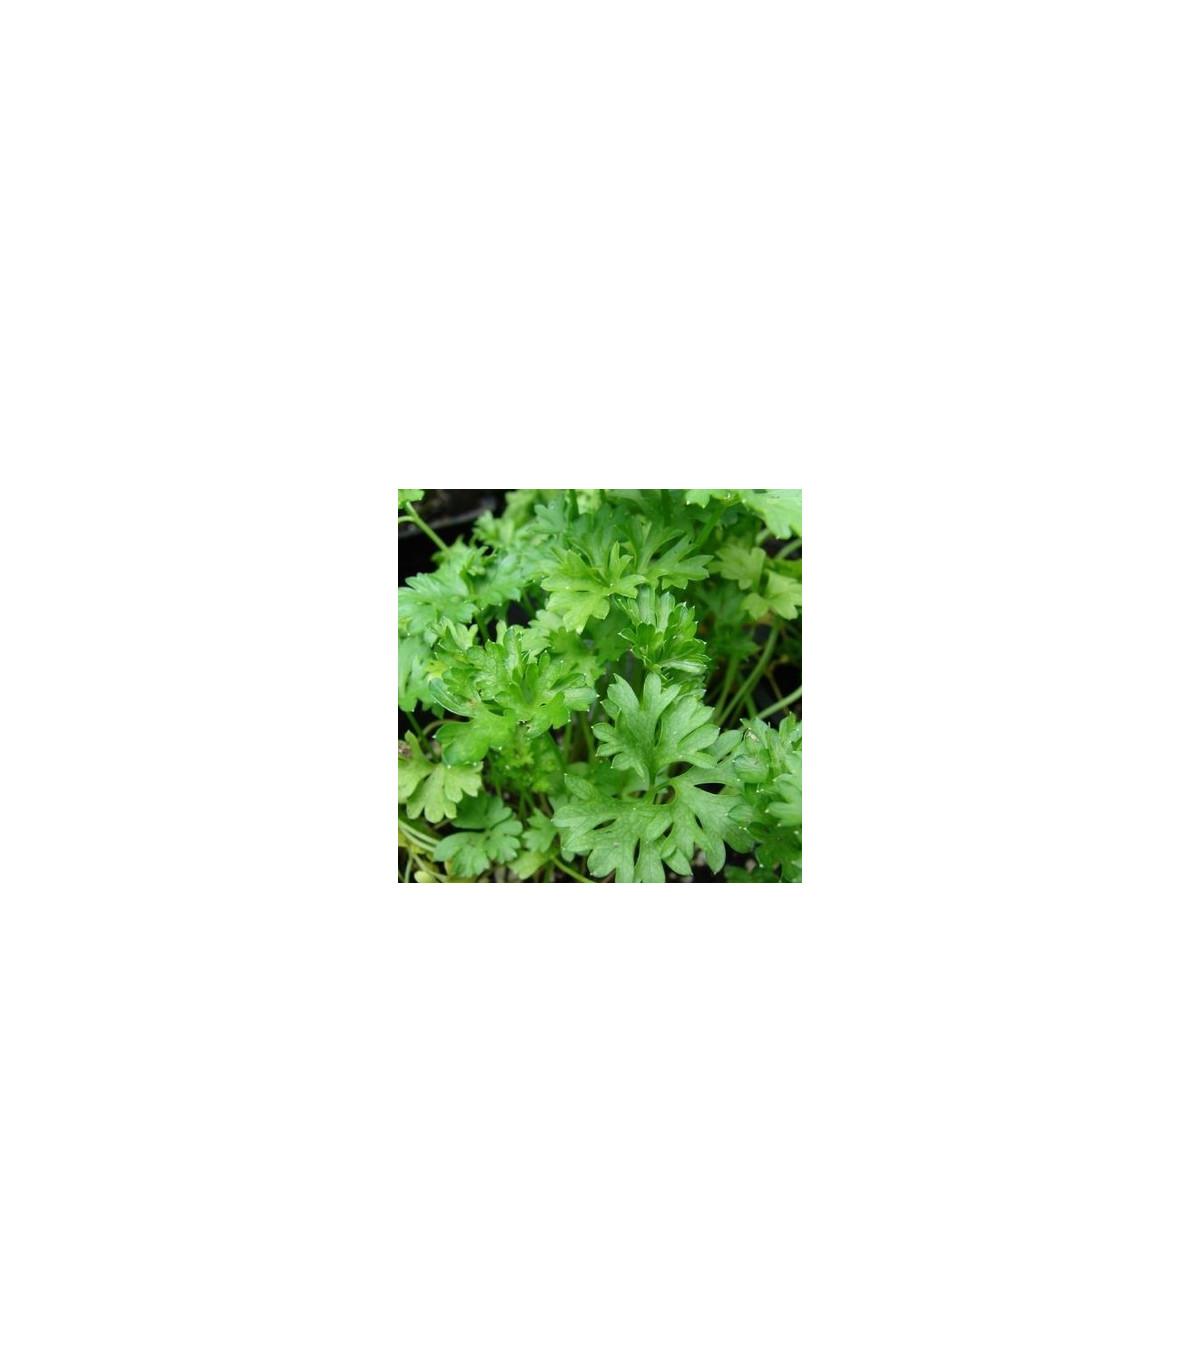 Petržel naťová kadeřavá - tmavě zelená - semena Petržele - Petroselinum crispum convar - 1 gr